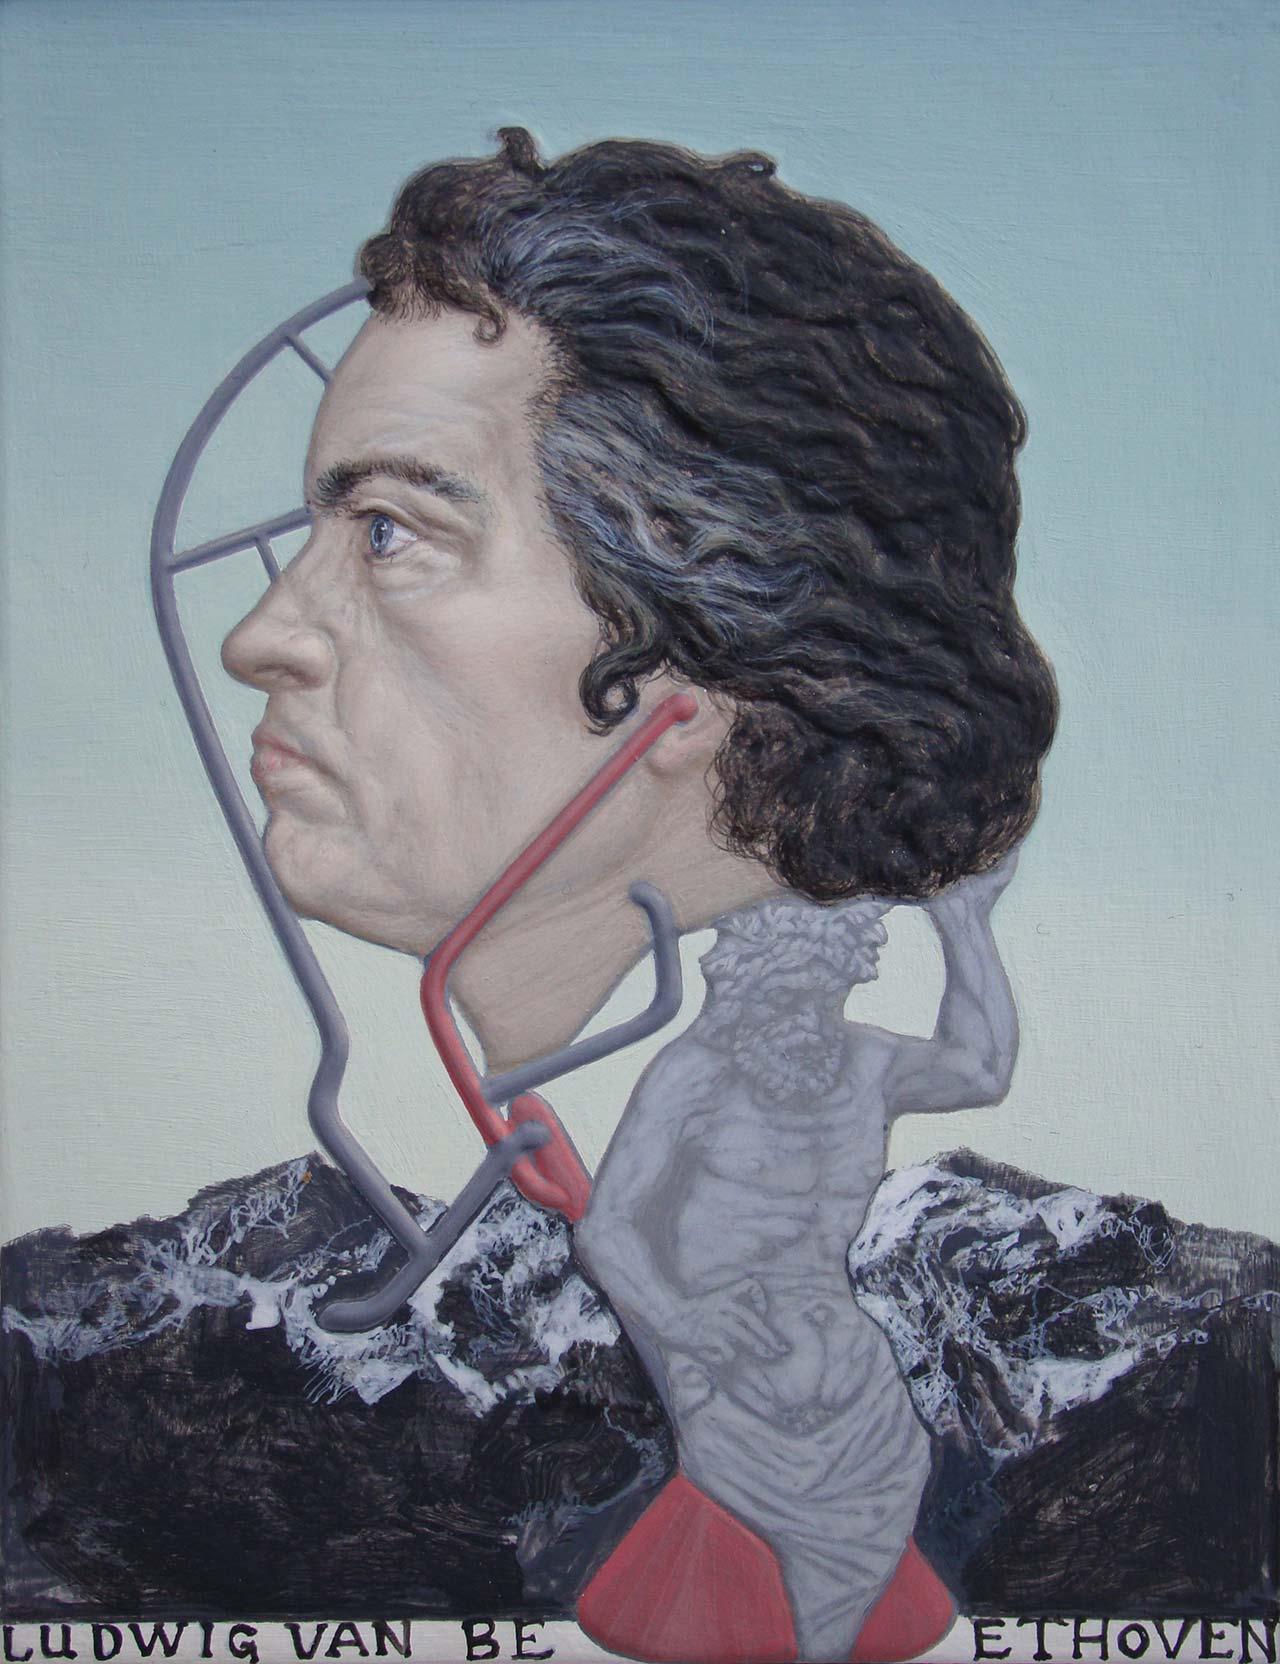 Beethoven, 2013, ακρυλικό σε καμβά, 12,5x9,5 εκ.